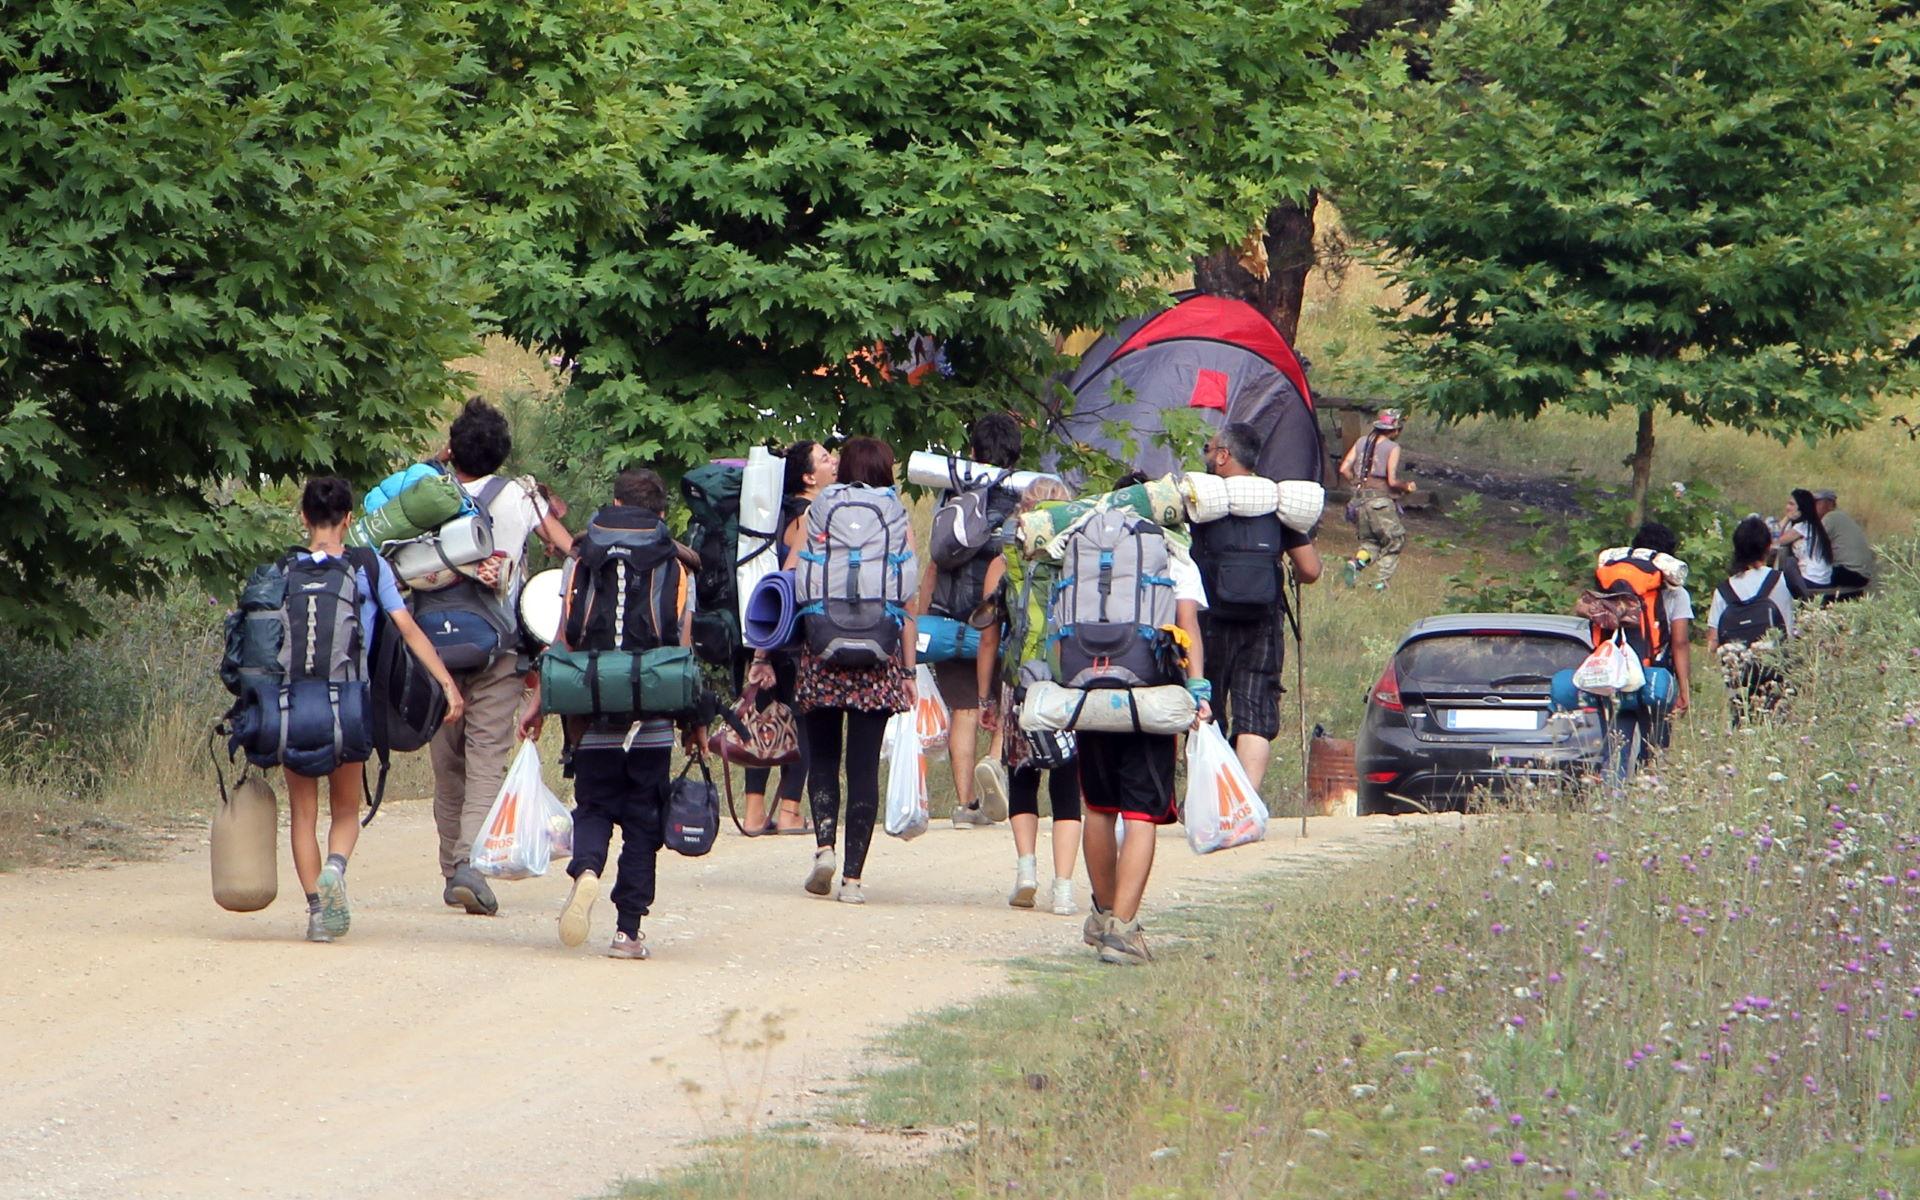 Menschen mit Rucksäcken, Zelten und Schlafsäcken laufen einen Weg entlang